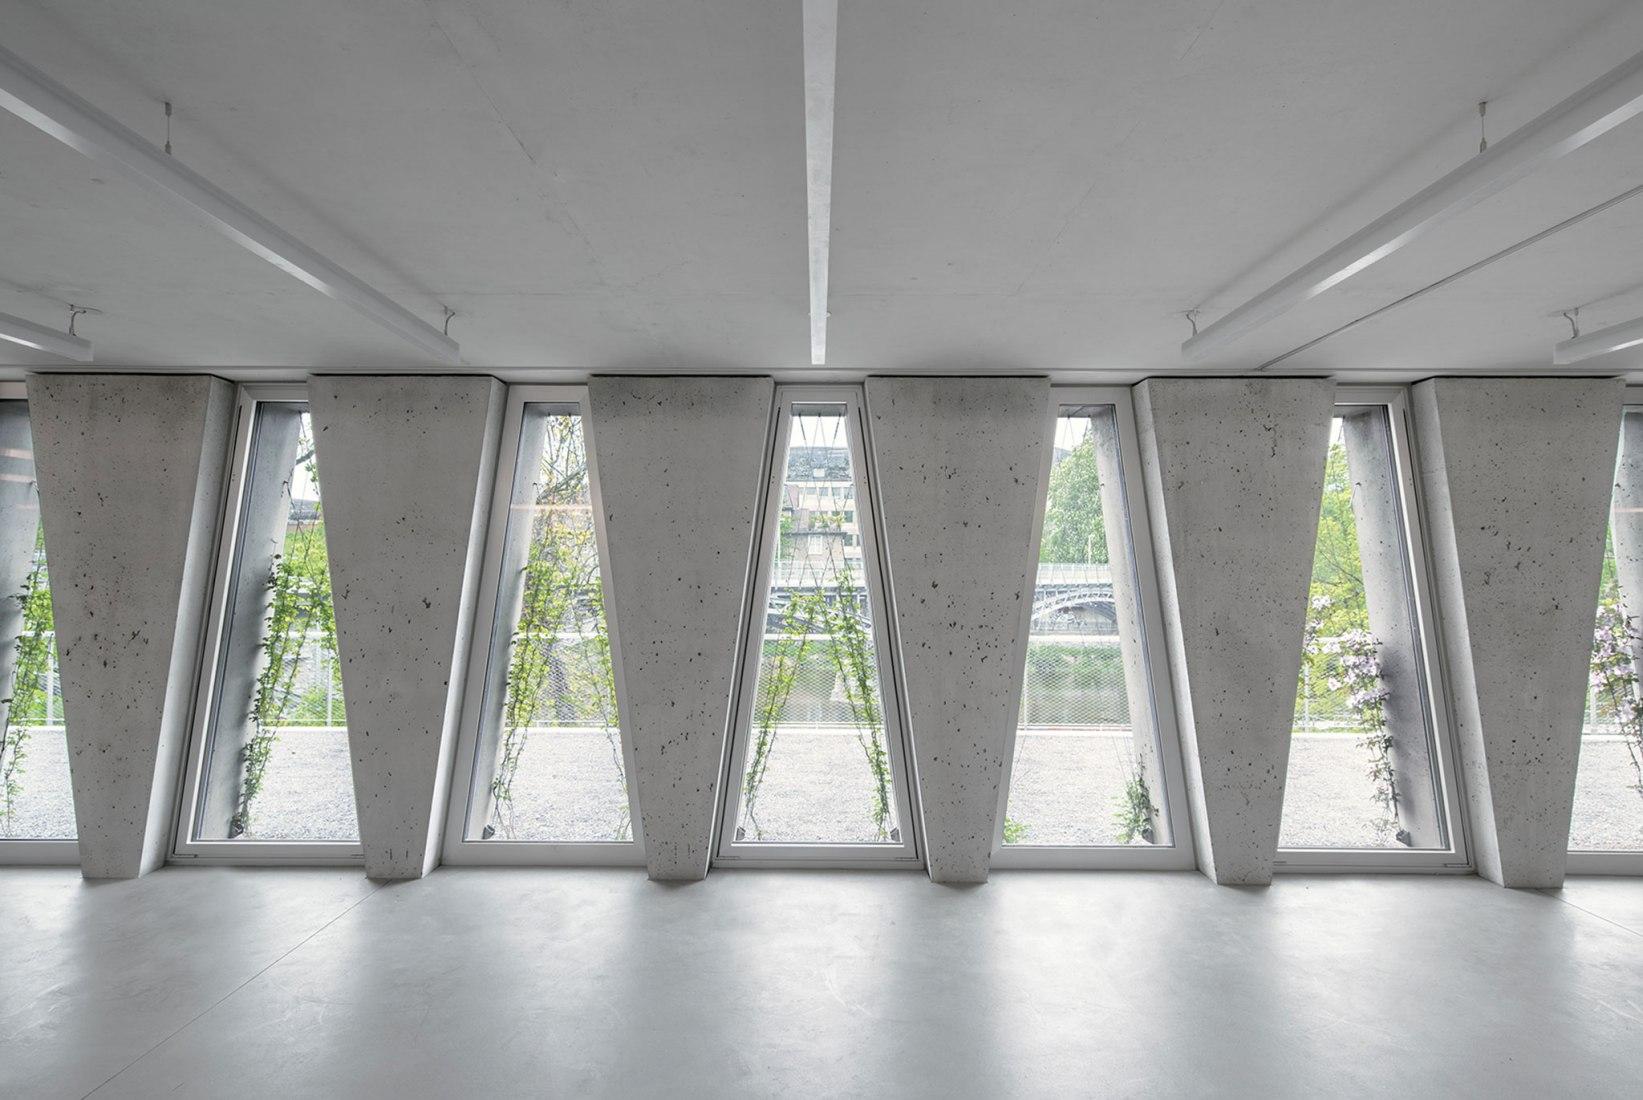 Tanzhaus Zúrich por Barozzi Veiga. Fotografía por Simon Menges, Berlín